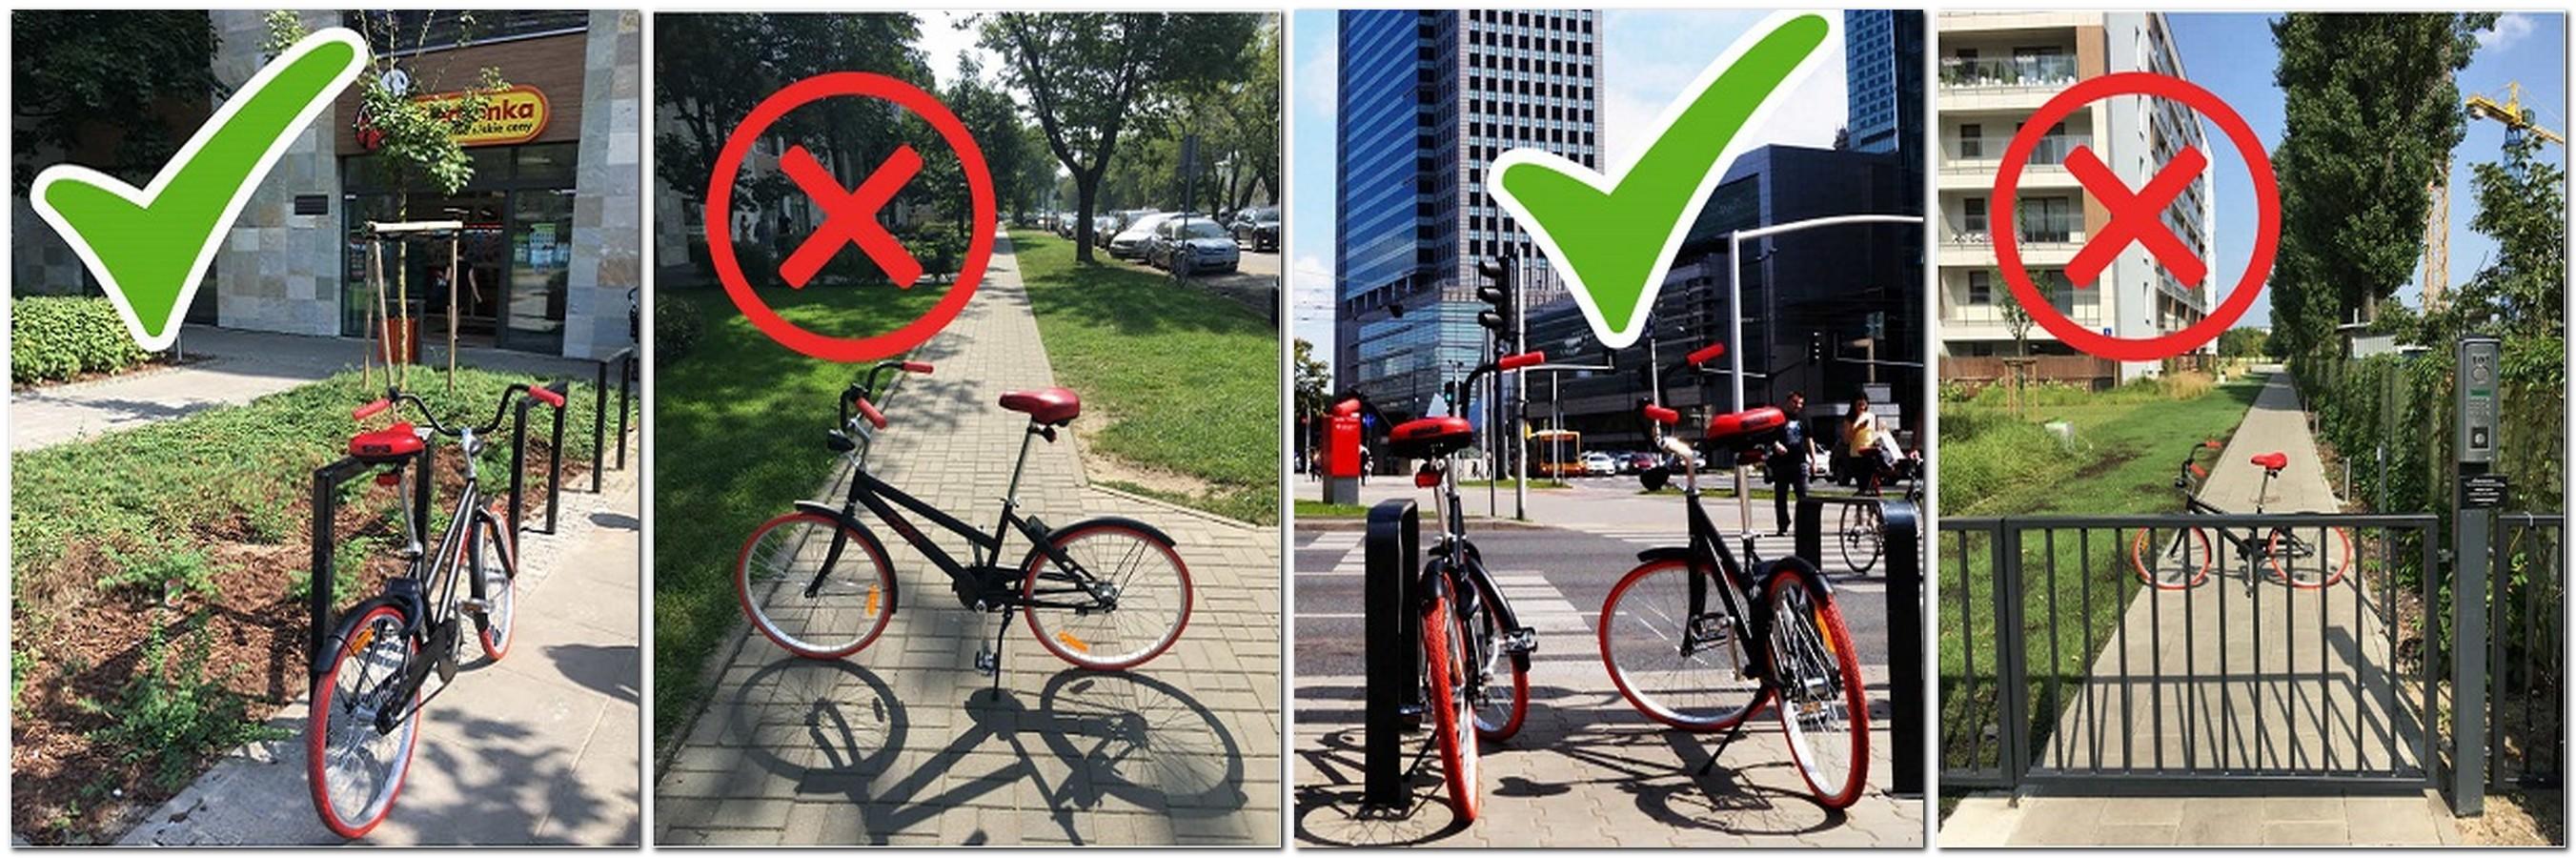 jak należy zaparkować rower crossbike